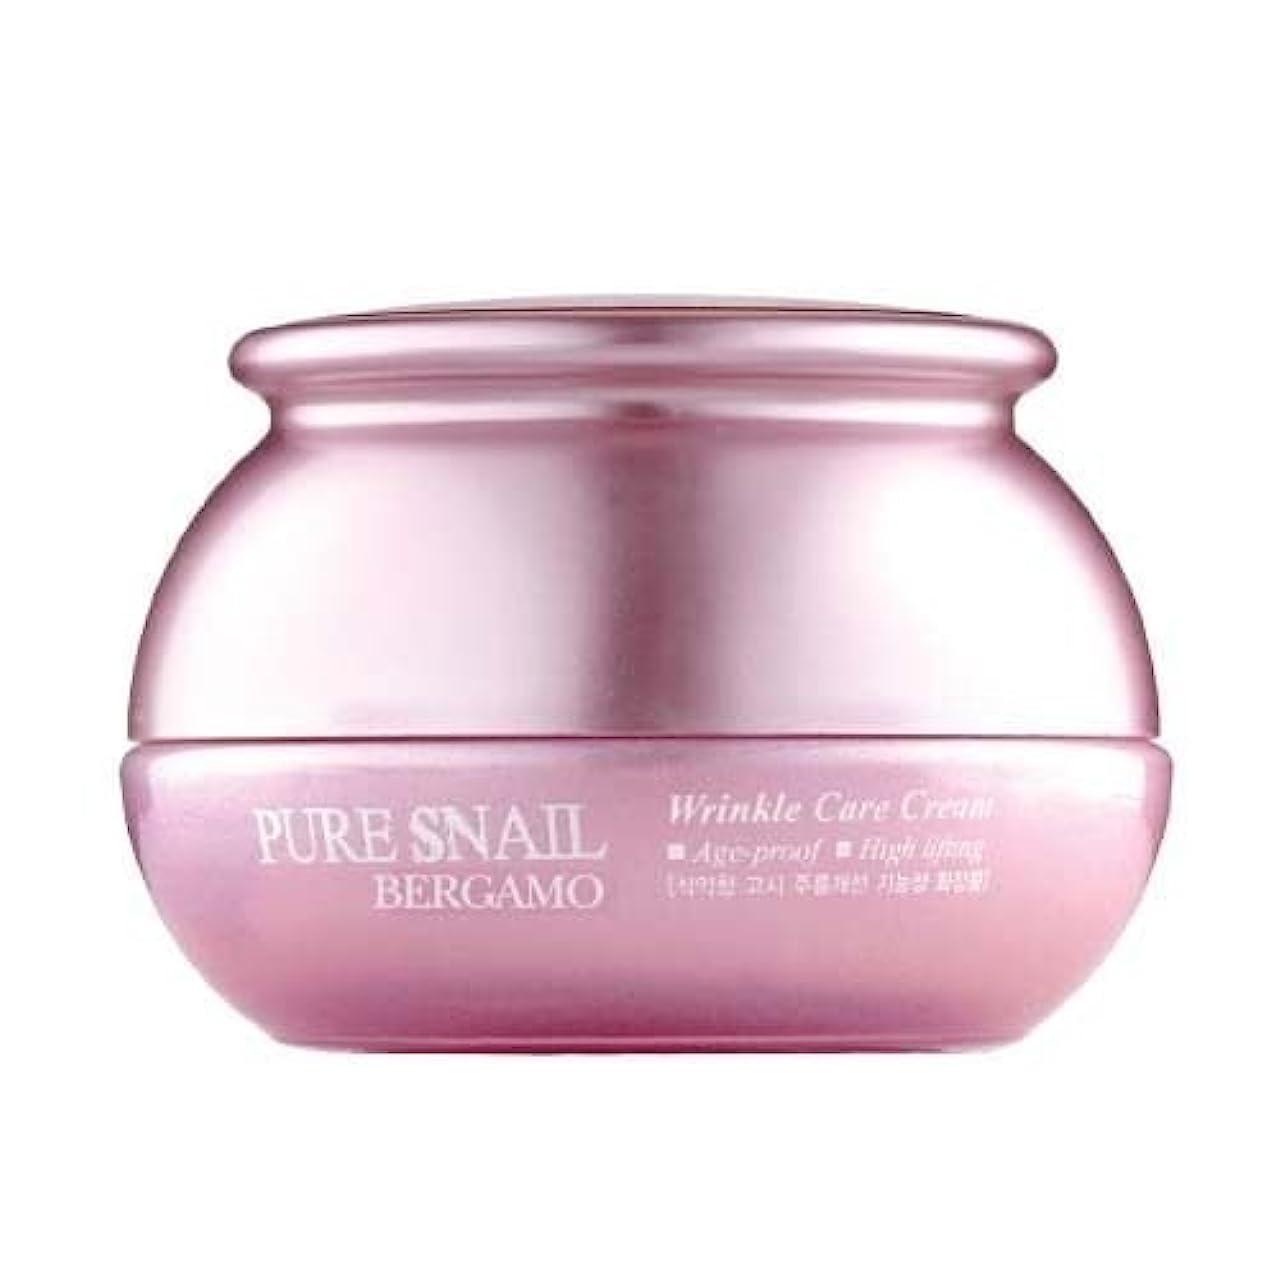 硬いパノラマ世界記録のギネスブックベルガモ[韓国コスメBergamo]Pure Snail Wrinkle Care Cream カタツムリリンクルケアクリーム50ml しわ管理 [並行輸入品]